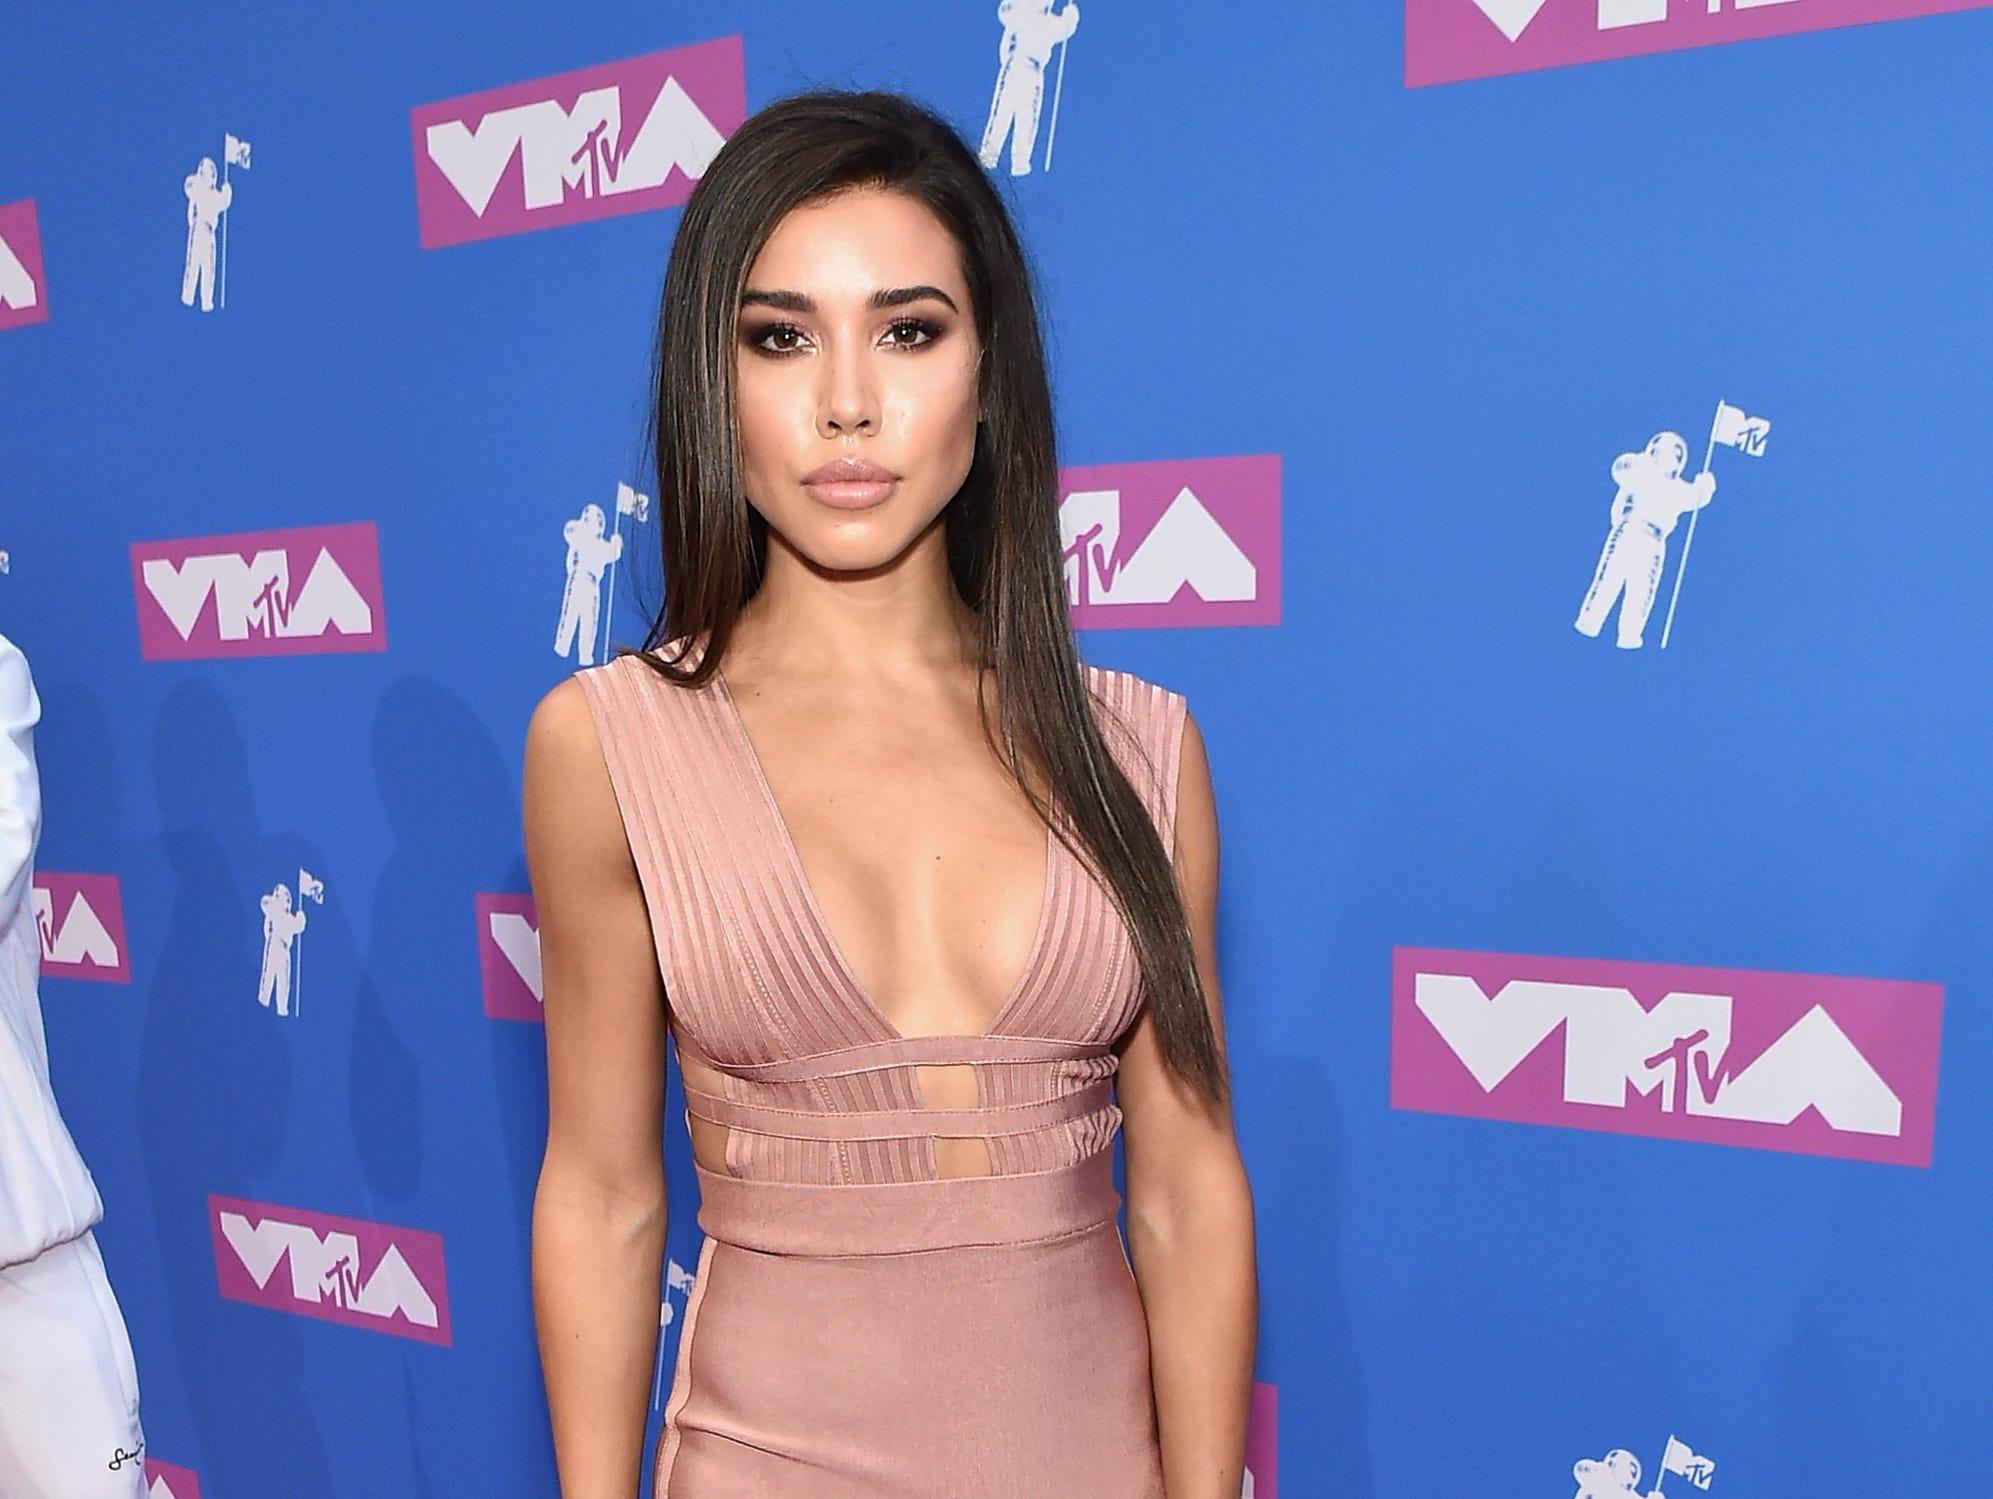 Sofia Bianchessi asiste a los MTV Video Music Awards 2018 en el Radio City Music Hall el 20 de agosto de 2018 en la ciudad de Nueva York.